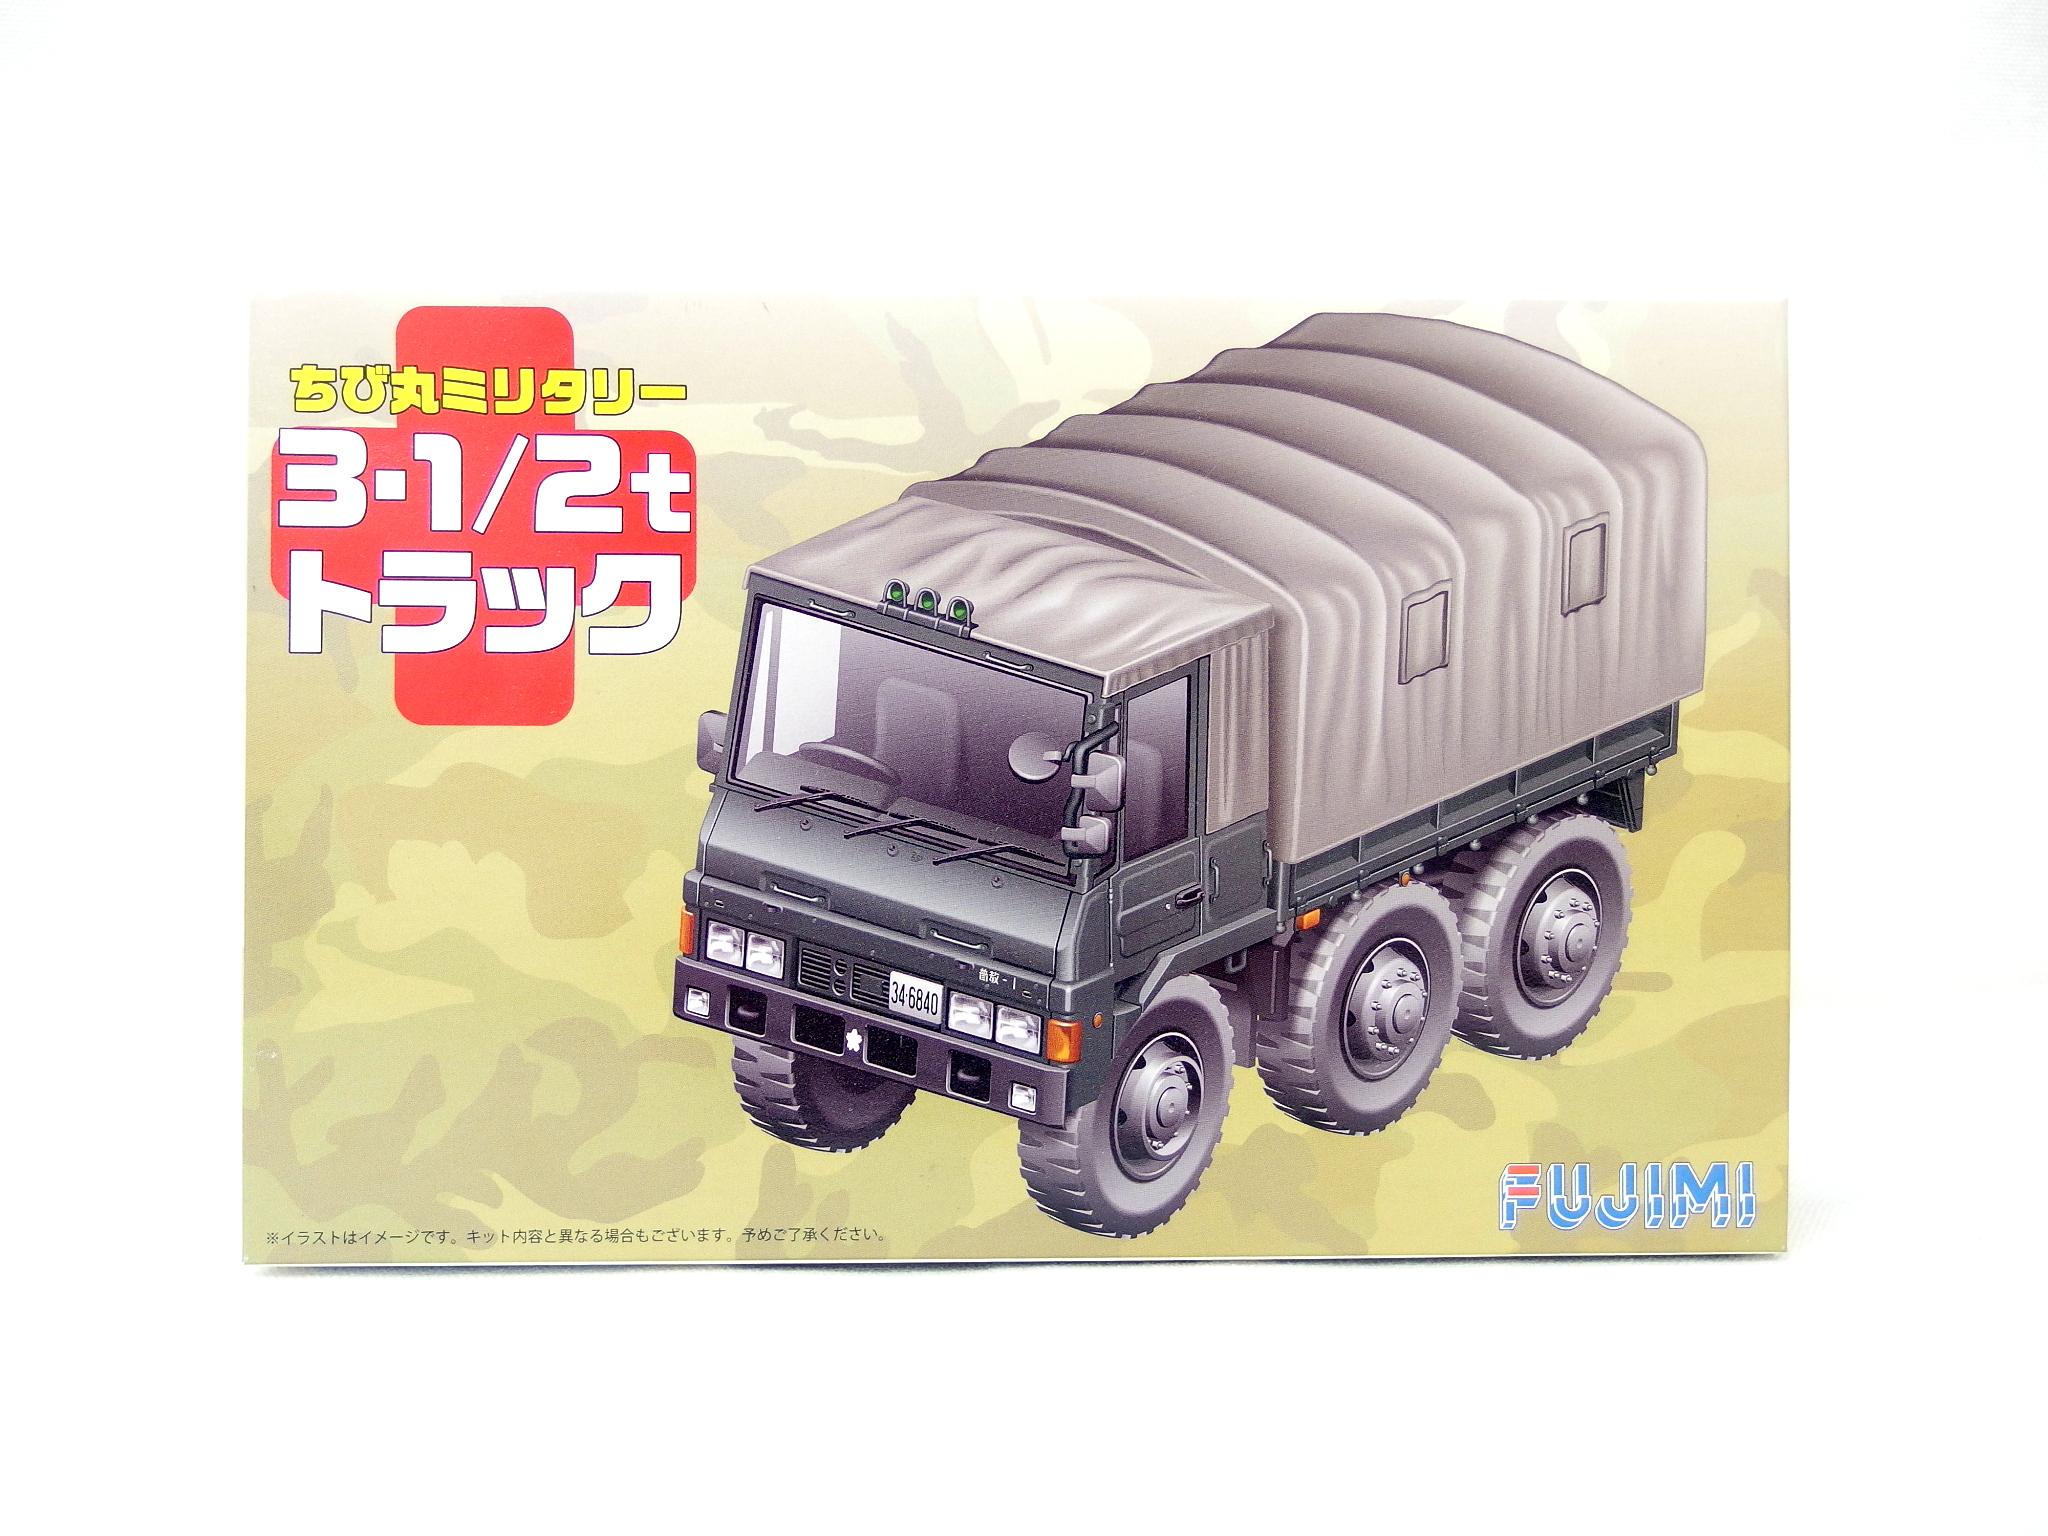 フジミ ちび丸ミリタリーシリーズ 「3・1/2t トラック」